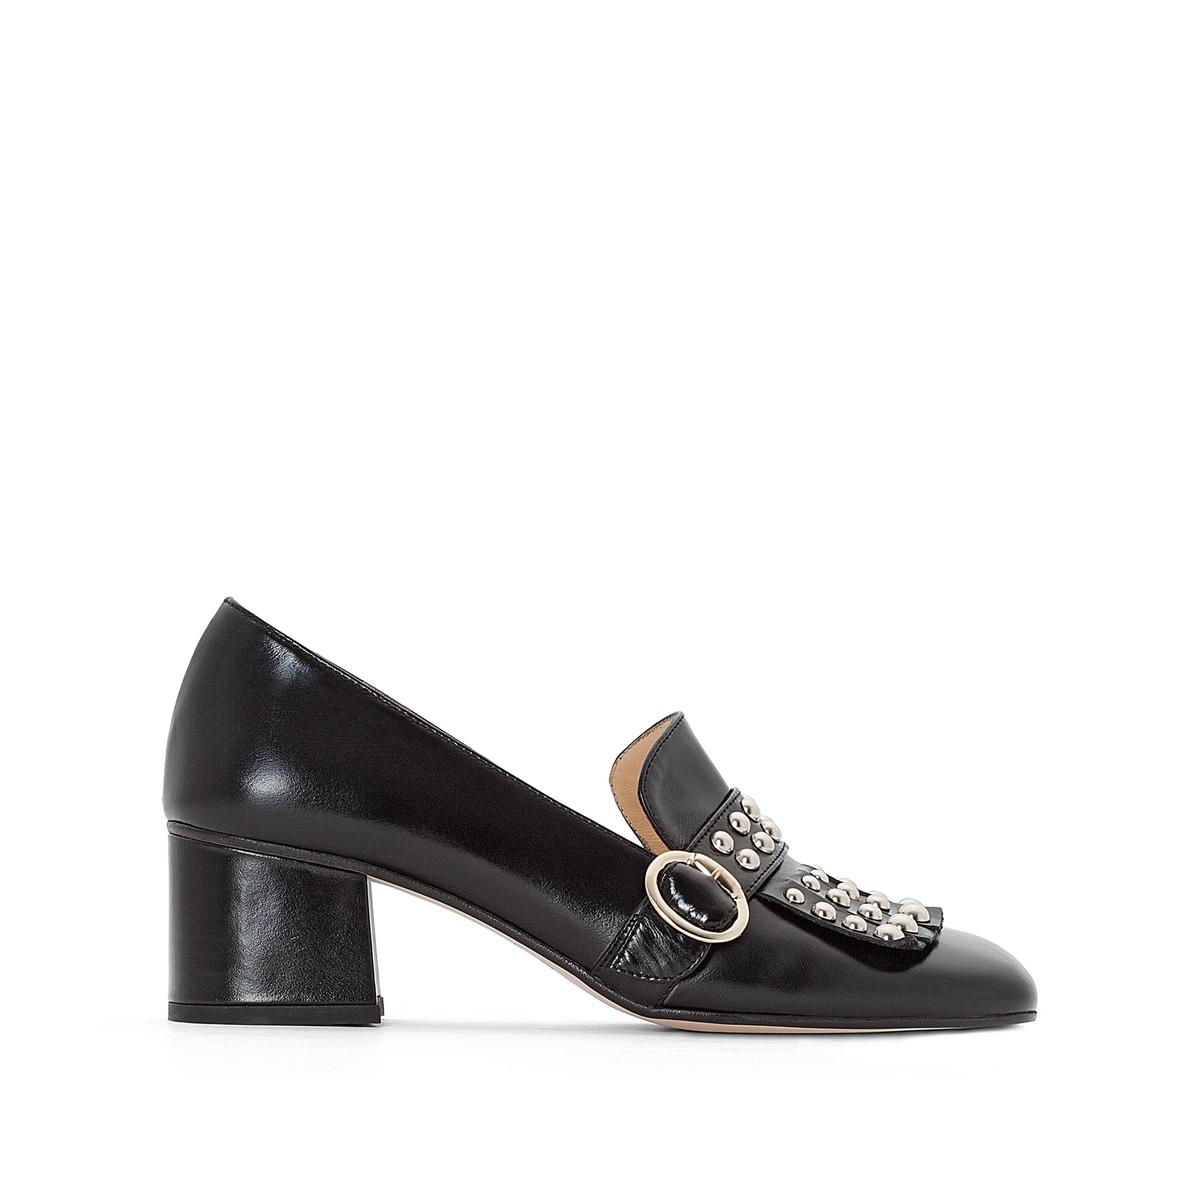 Туфли кожаные на широком каблуке, Victoire pour la victoire туфли